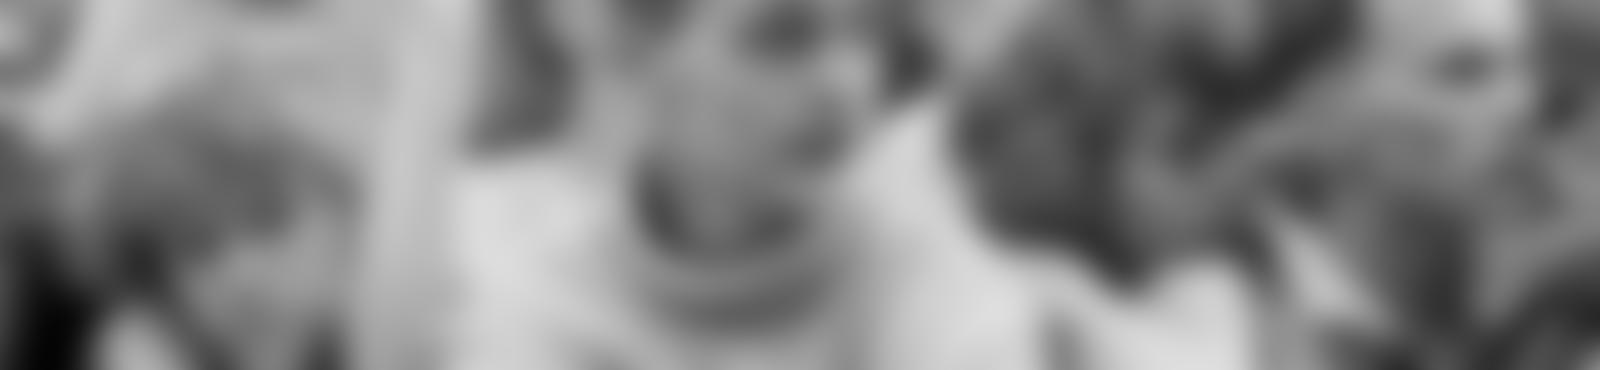 Blurred 2037ad0e b152 43e2 a12e 97dc68b96d96